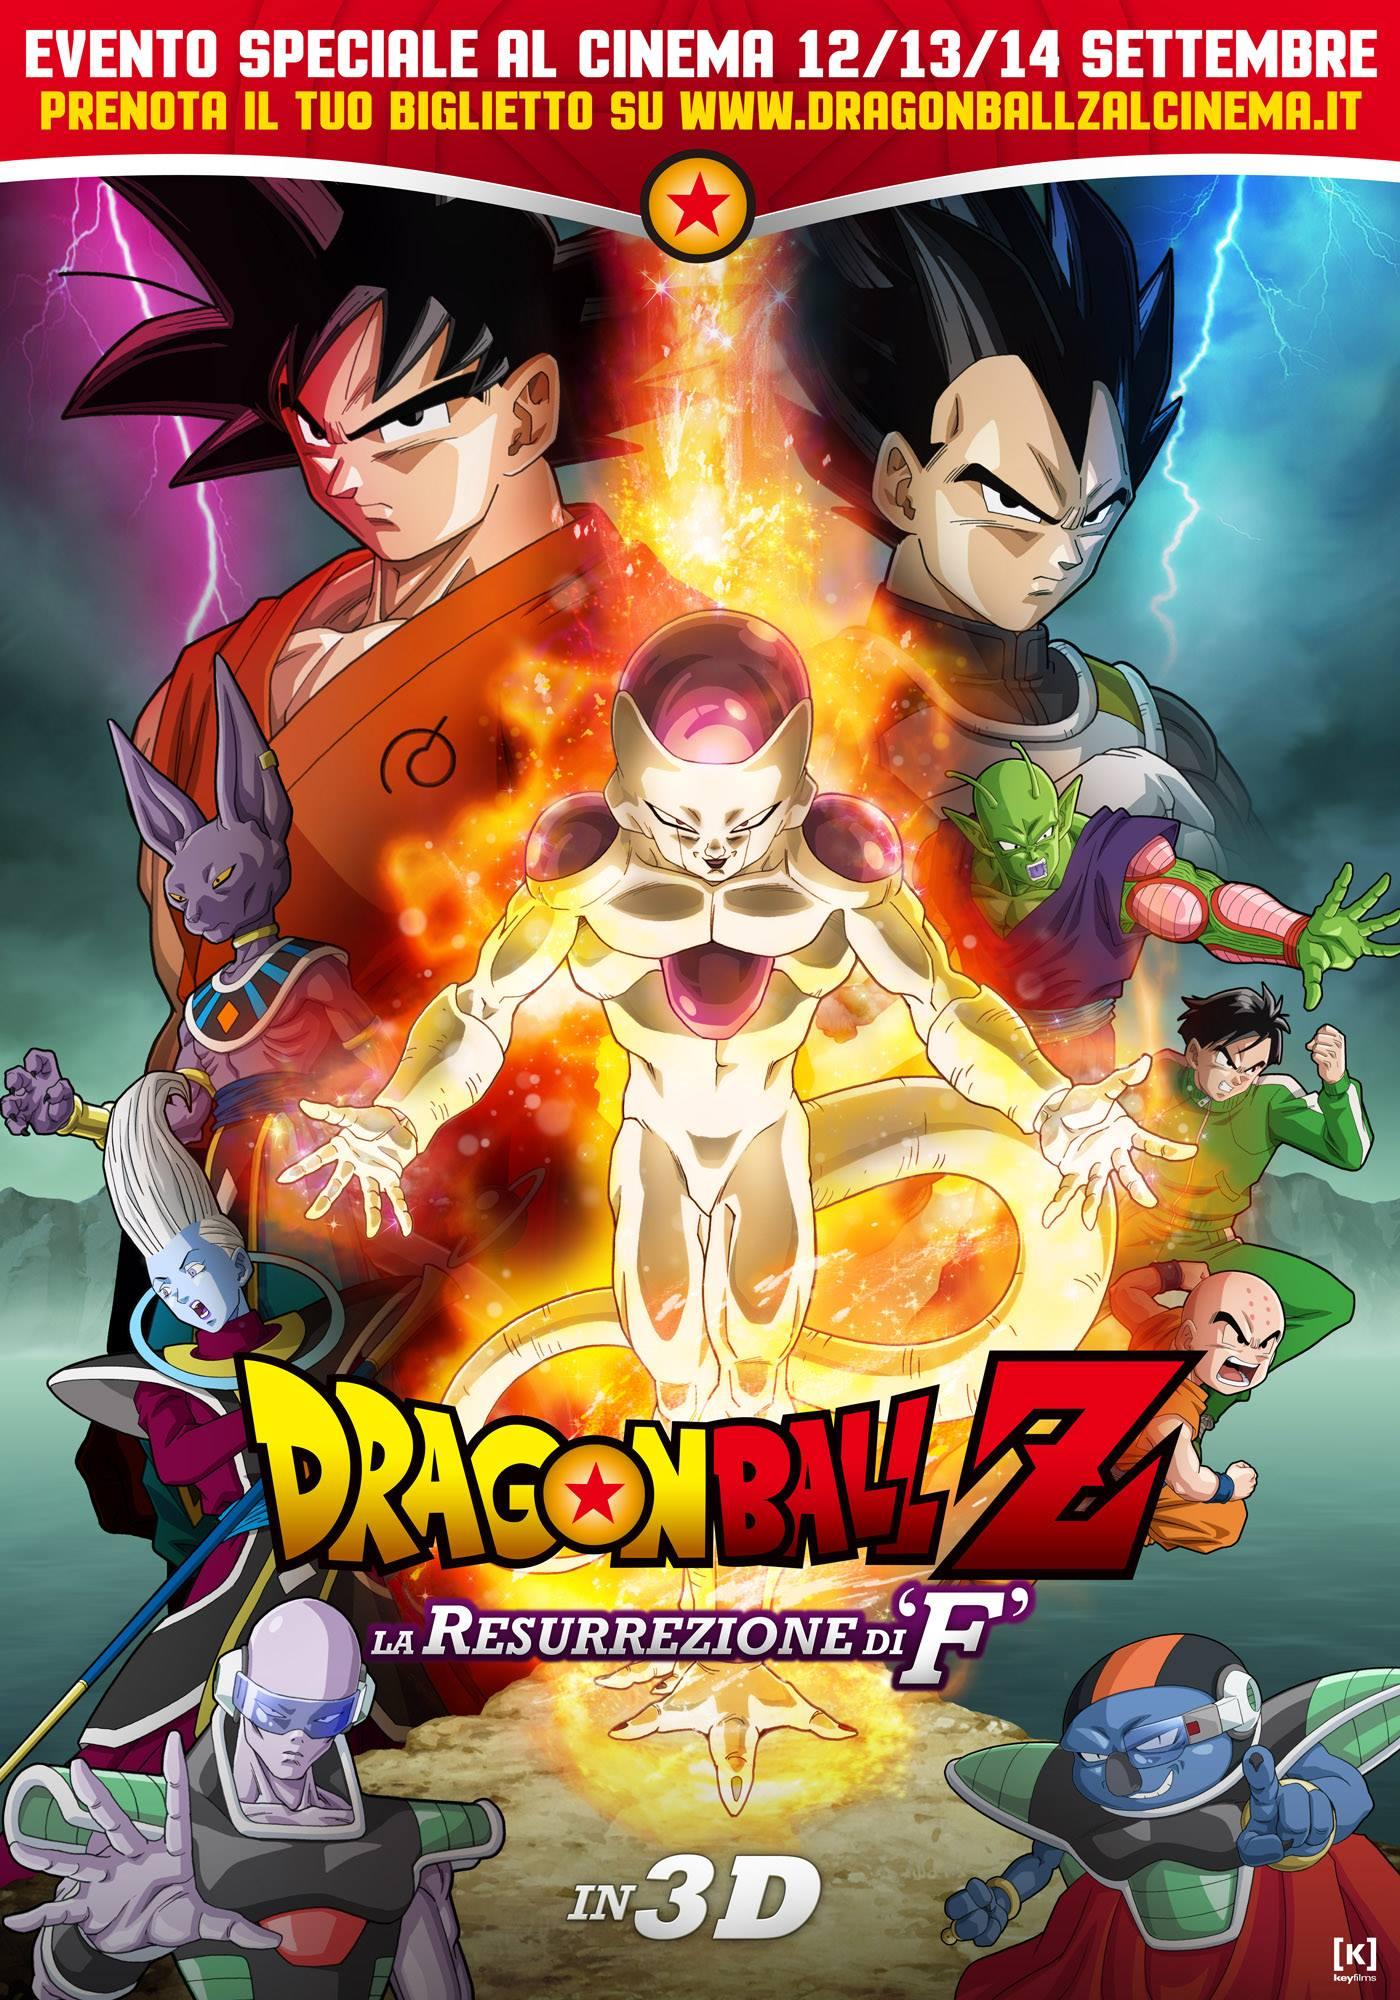 Dragon Ball Z: La Resurrezione di 'F'